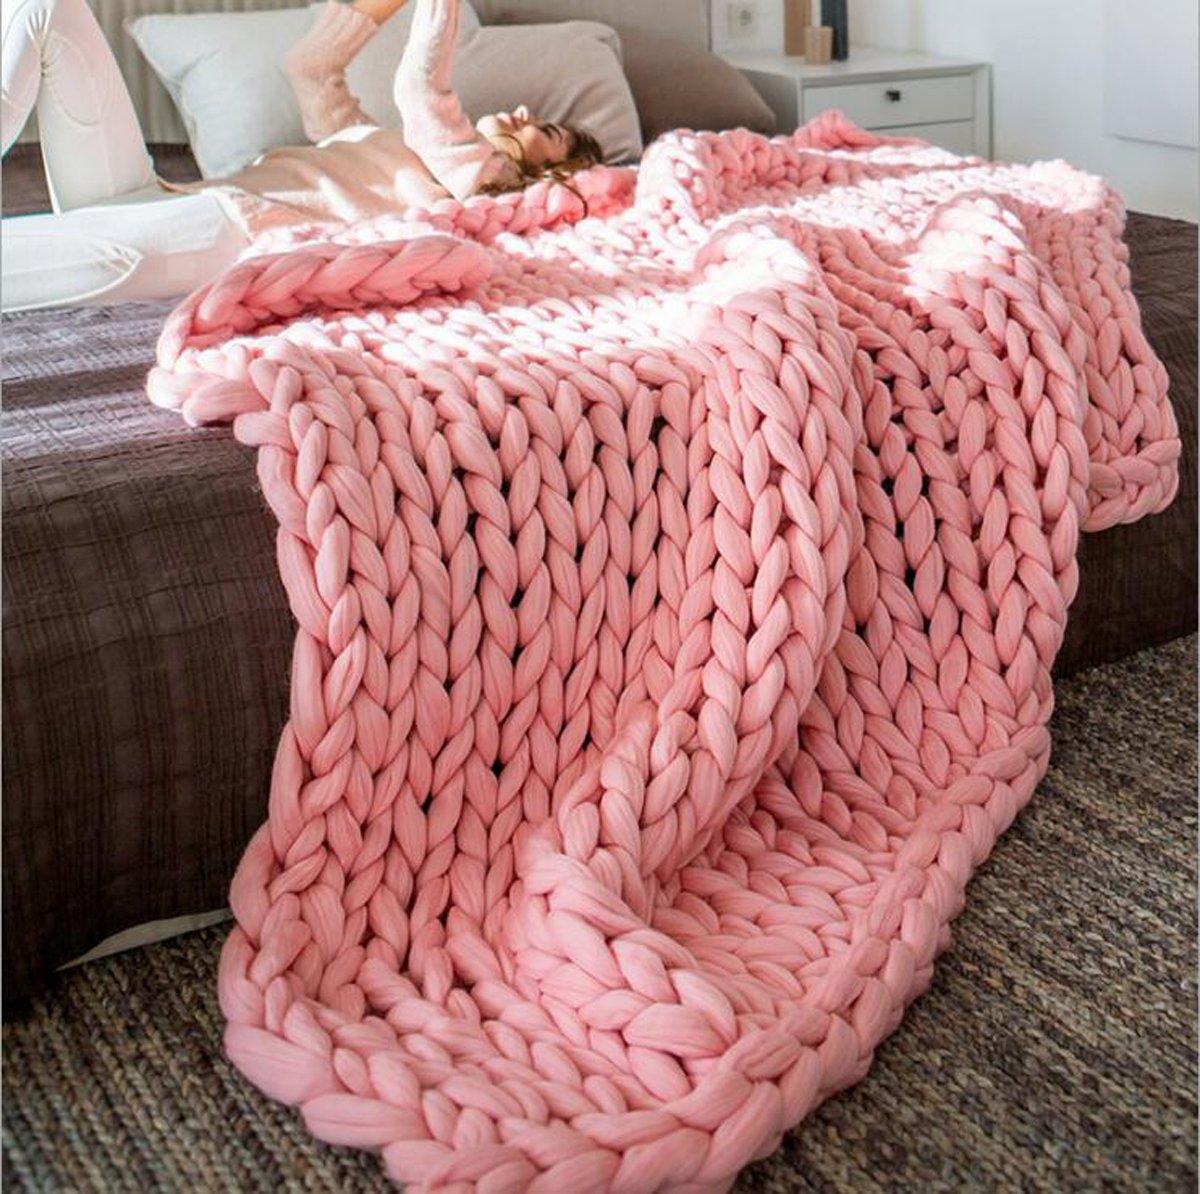 QLVY grobe wolle handgewebte sofa abdeckung decke stricken wolle yoga bett stuhlmatte Rosa 10